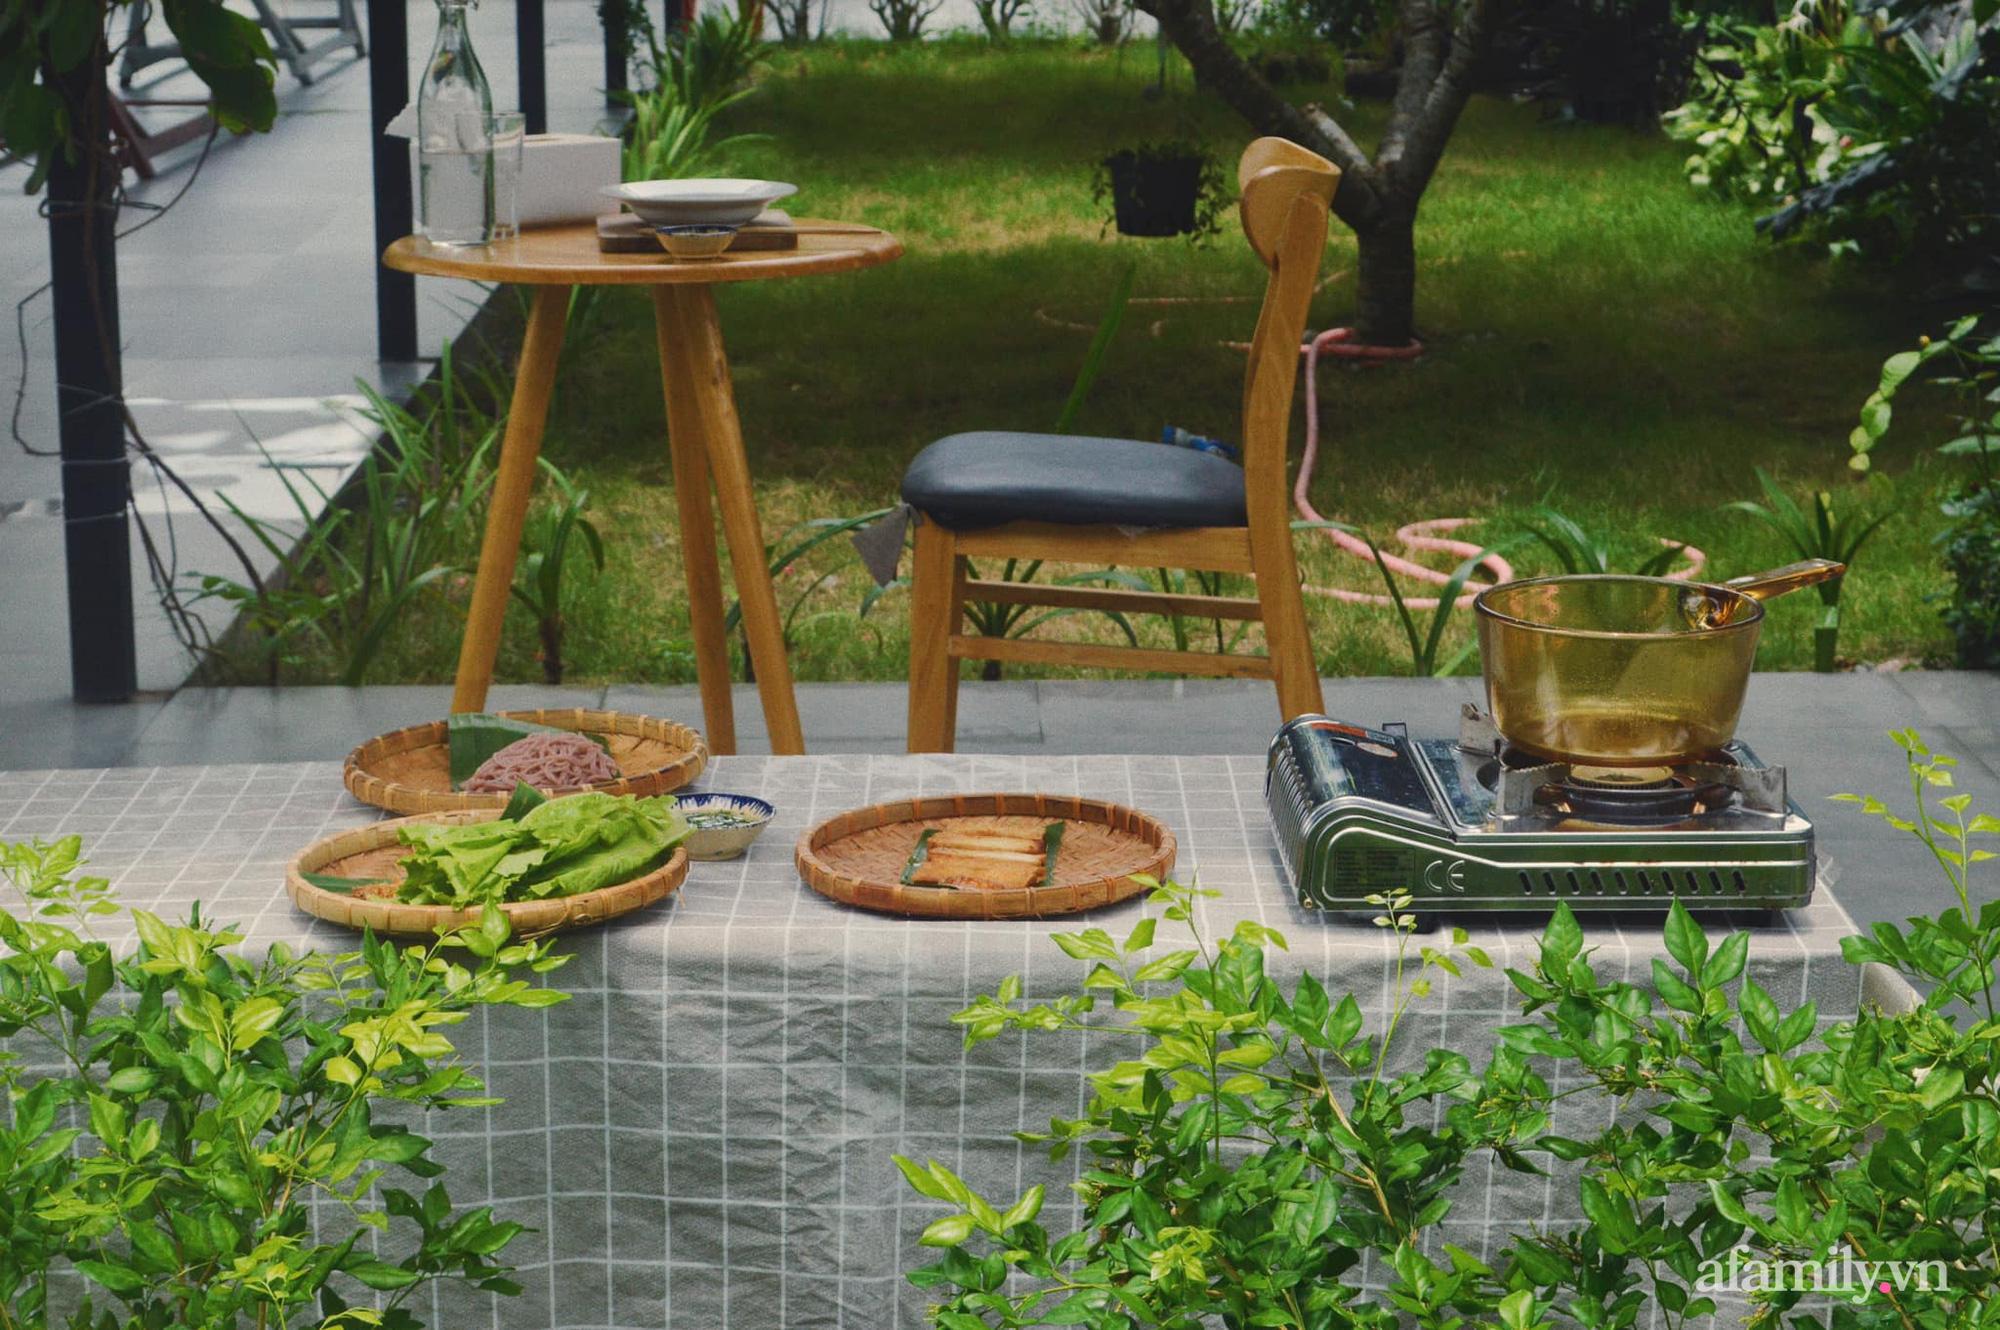 Sở hữu mảnh vườn thật chill, chàng trai trẻ Kiên Giang yên tâm nấu ăn, đọc sách ngắm cây những ngày giãn cách - Ảnh 17.